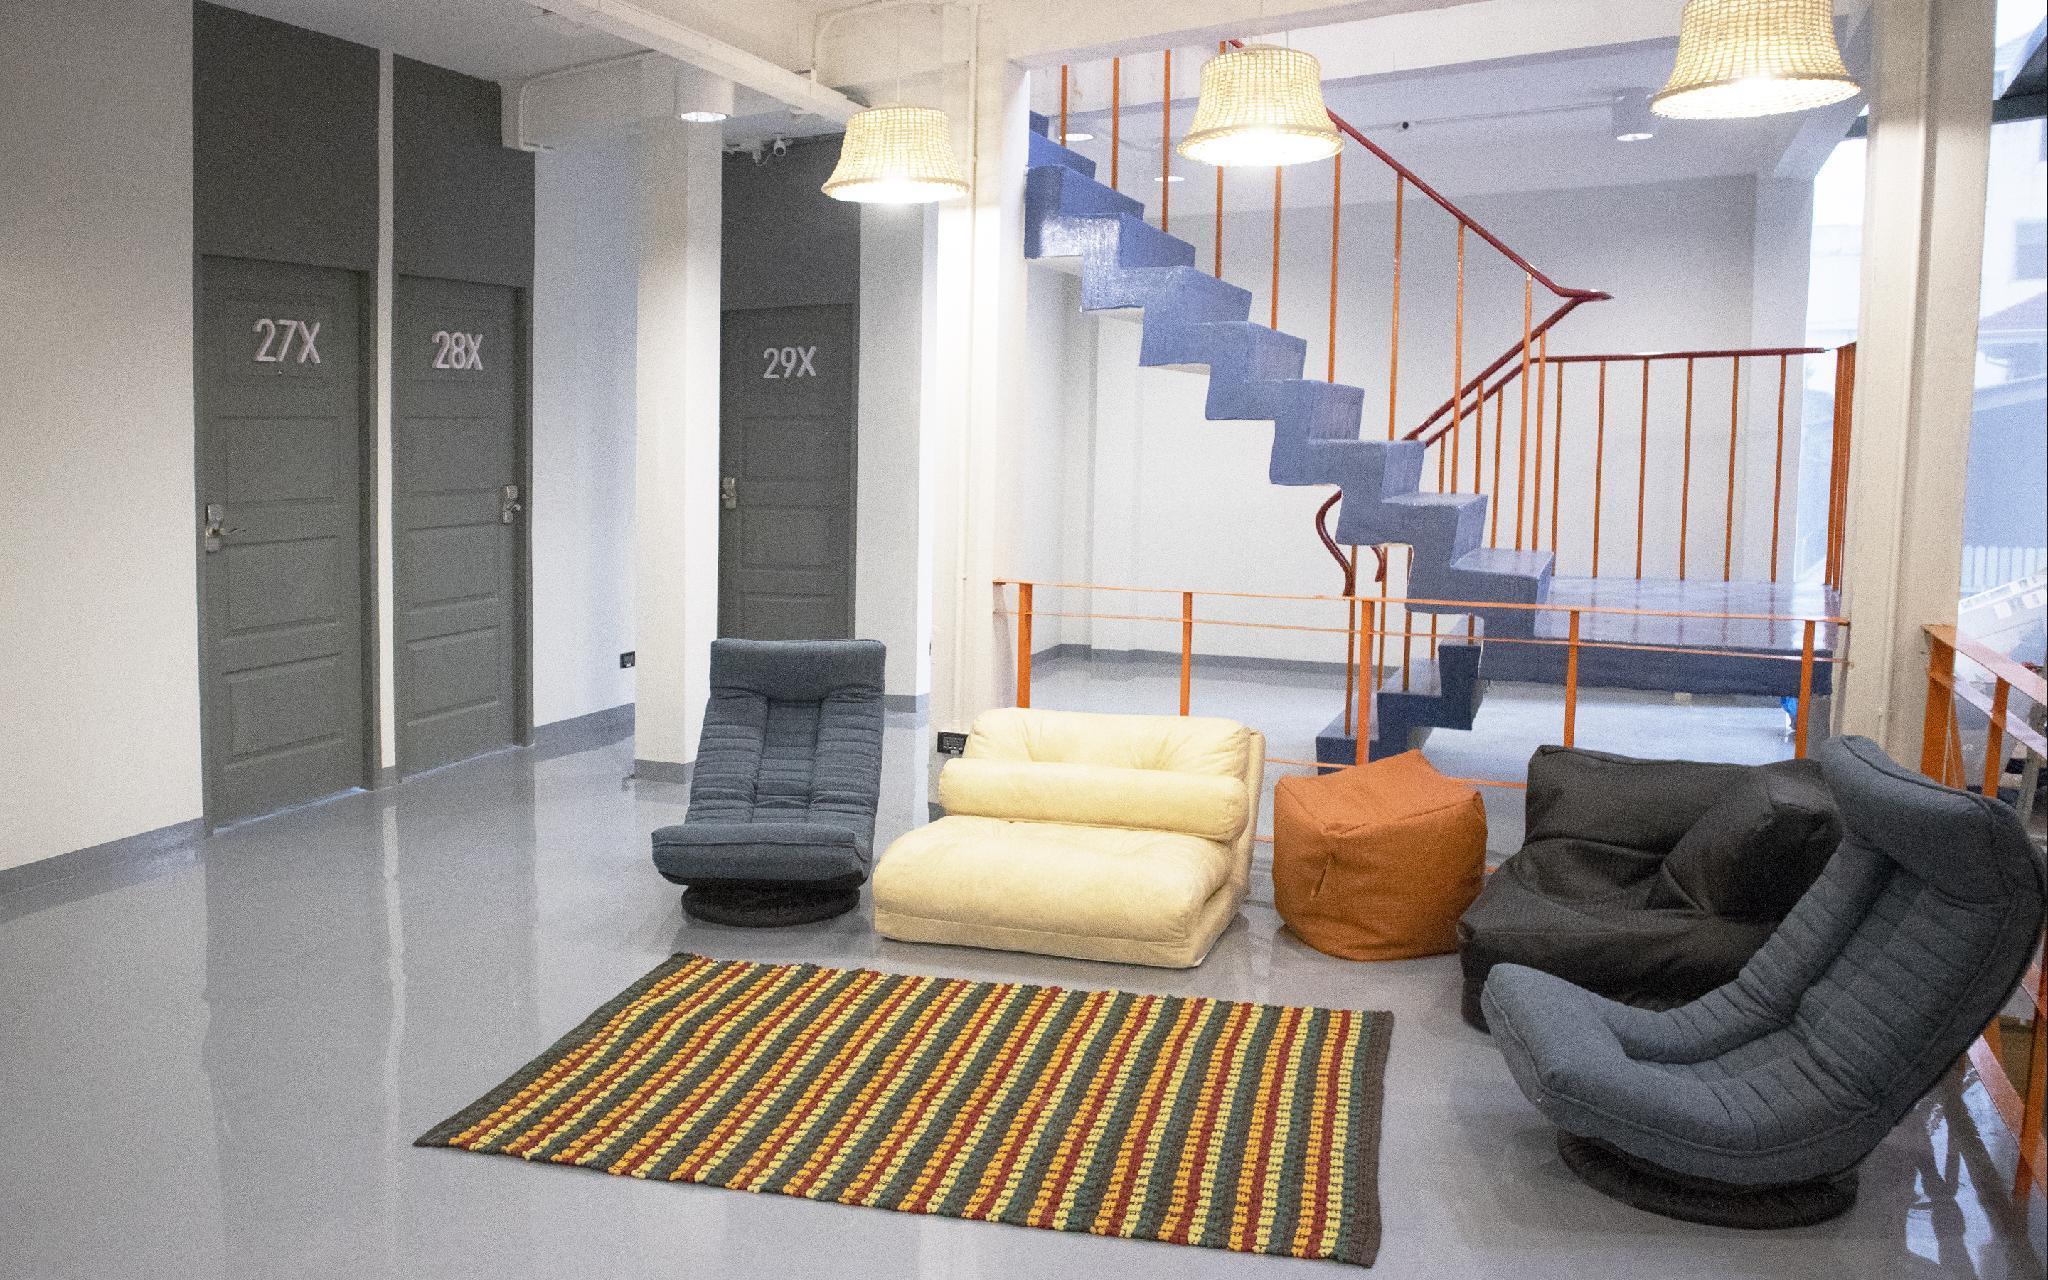 Cloud 9 Hotel Mixed Dorm 6 Beds